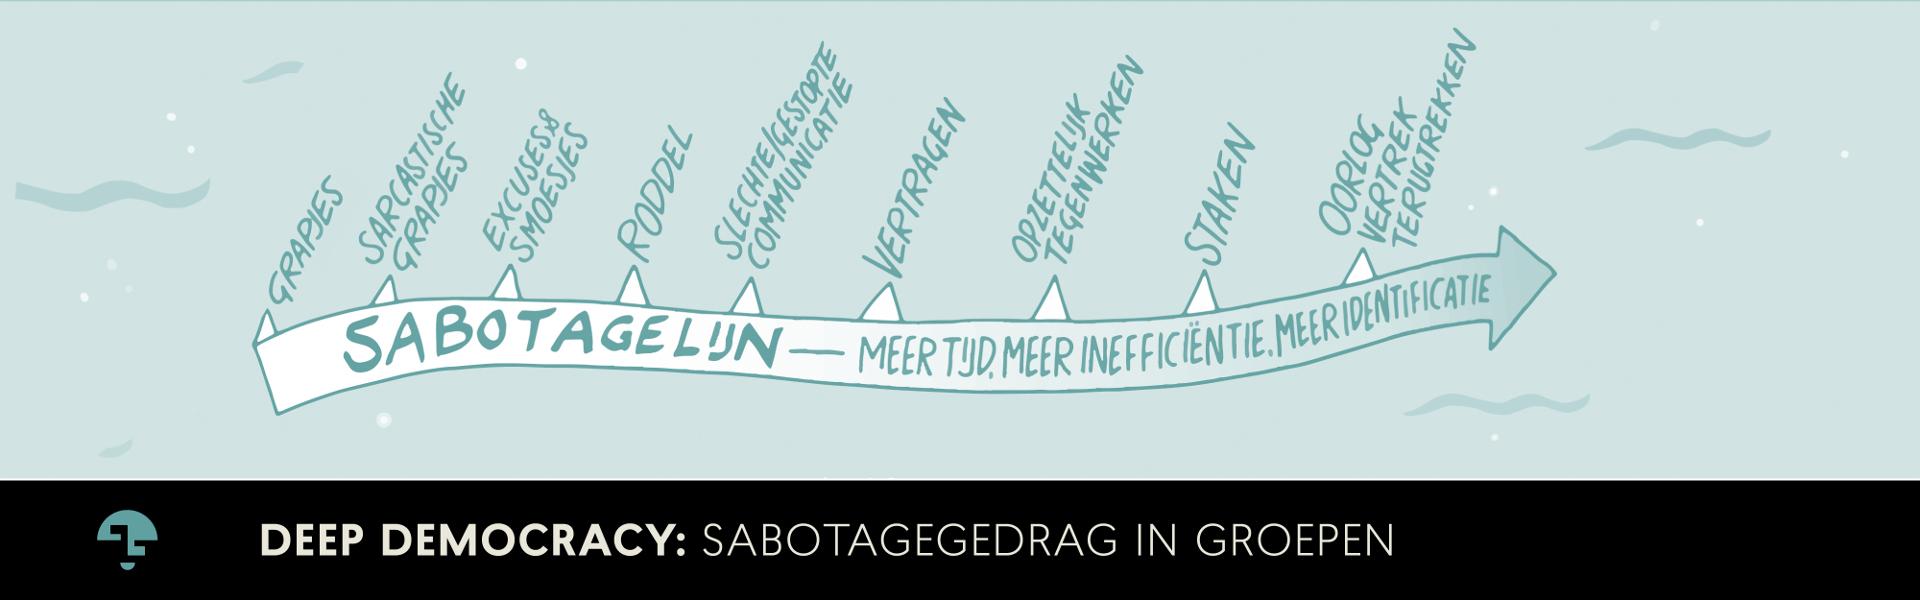 Sabotagelijn in groepen - Het Drents Kwartiertje - Solex Huren / Rijden - Dafje Huren / Rijden - Groepsactiviteiten, workshops, teambuilding en trainingen Drenthe